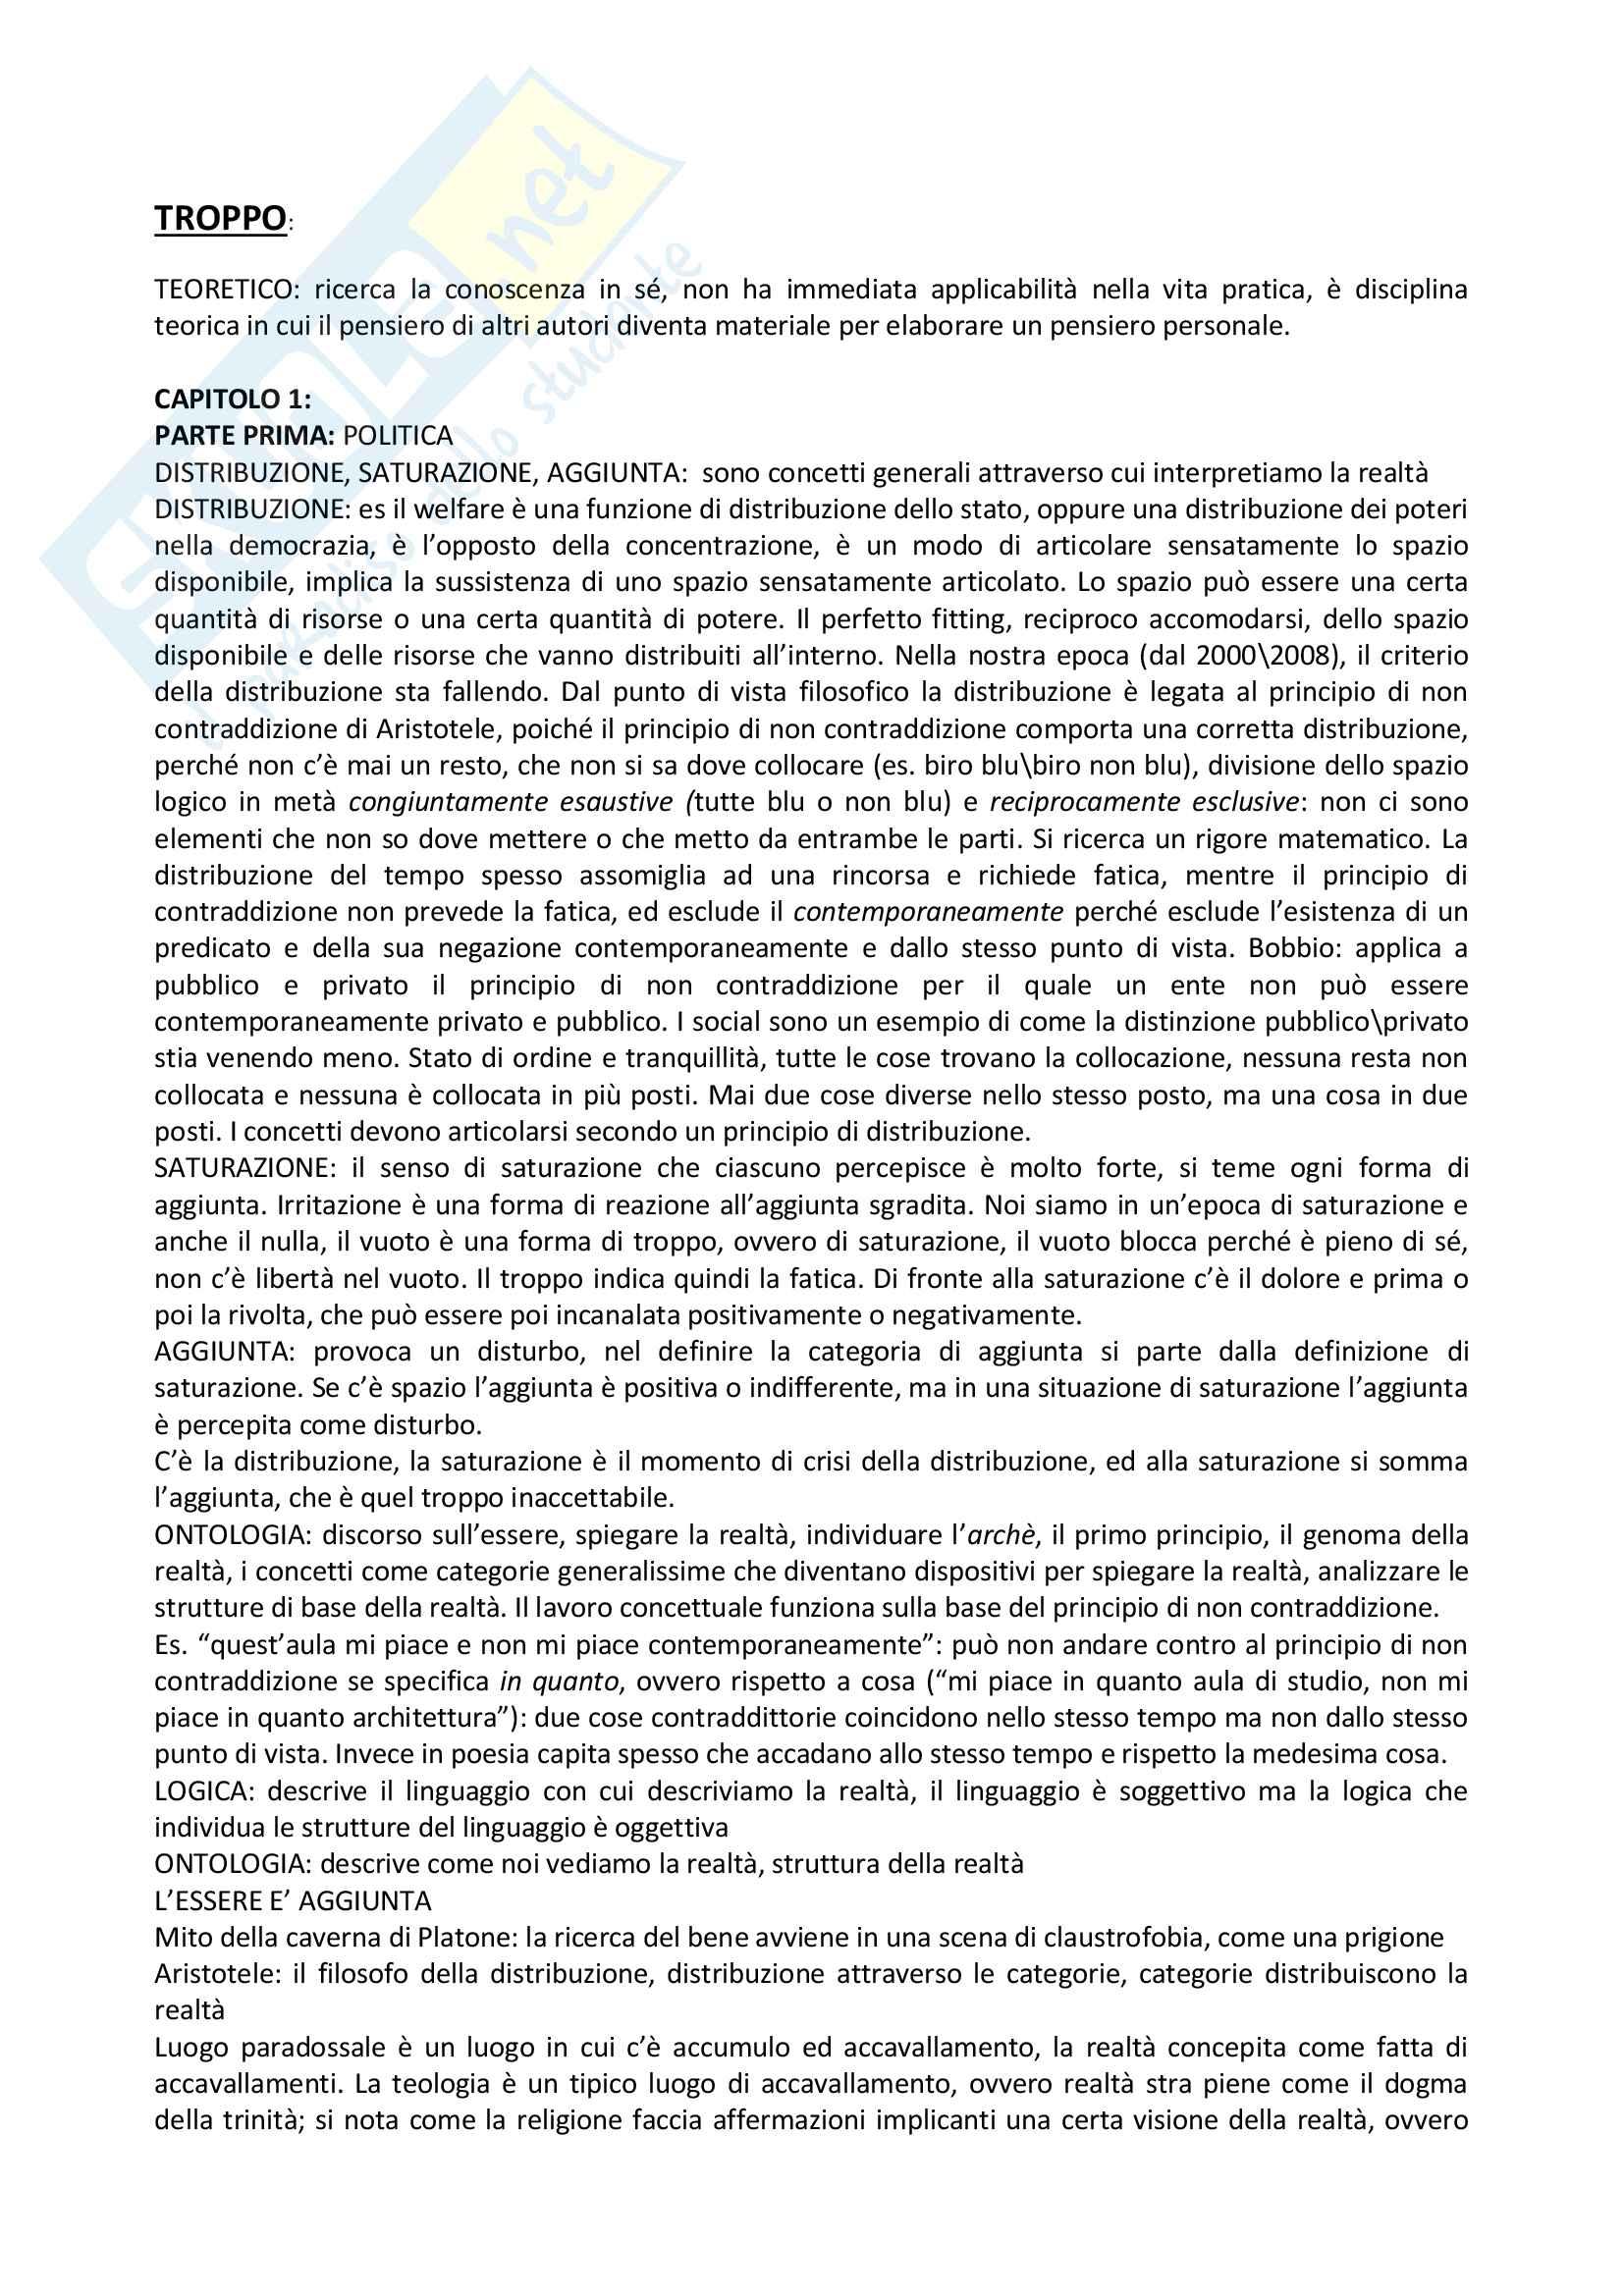 Riassunto esame filosofia teoretica, prof Enrico Guglielminetti, libro consigliato Troppo, saggio filosofico, politico, teologico di Guglielminetti